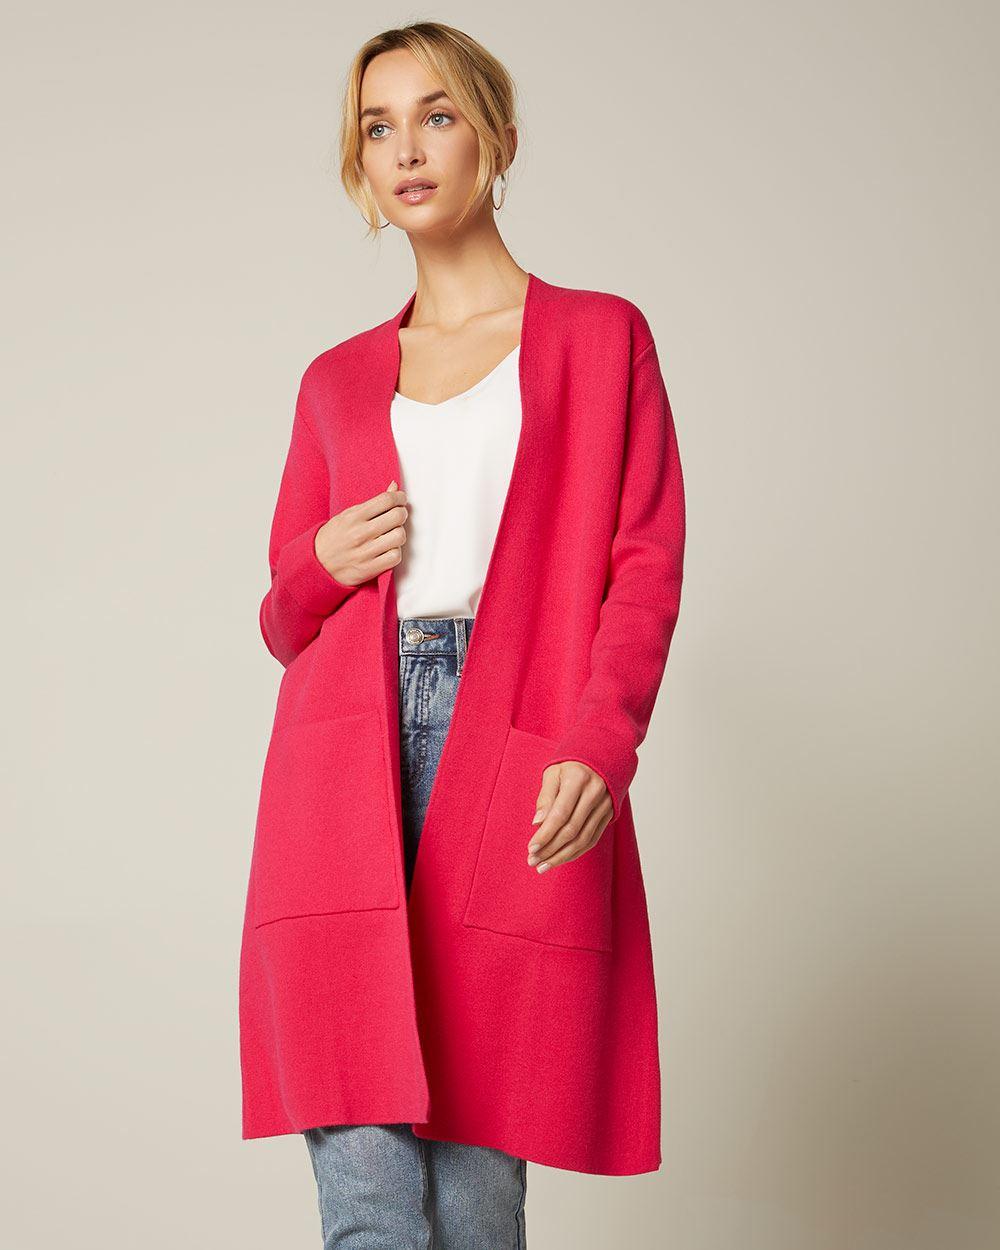 FNKDOR Manteau Cardigan Femme Chic /Él/égant Ouvert Veste Long en Velours /à Basque et /à Manches Longues Blouson Costume